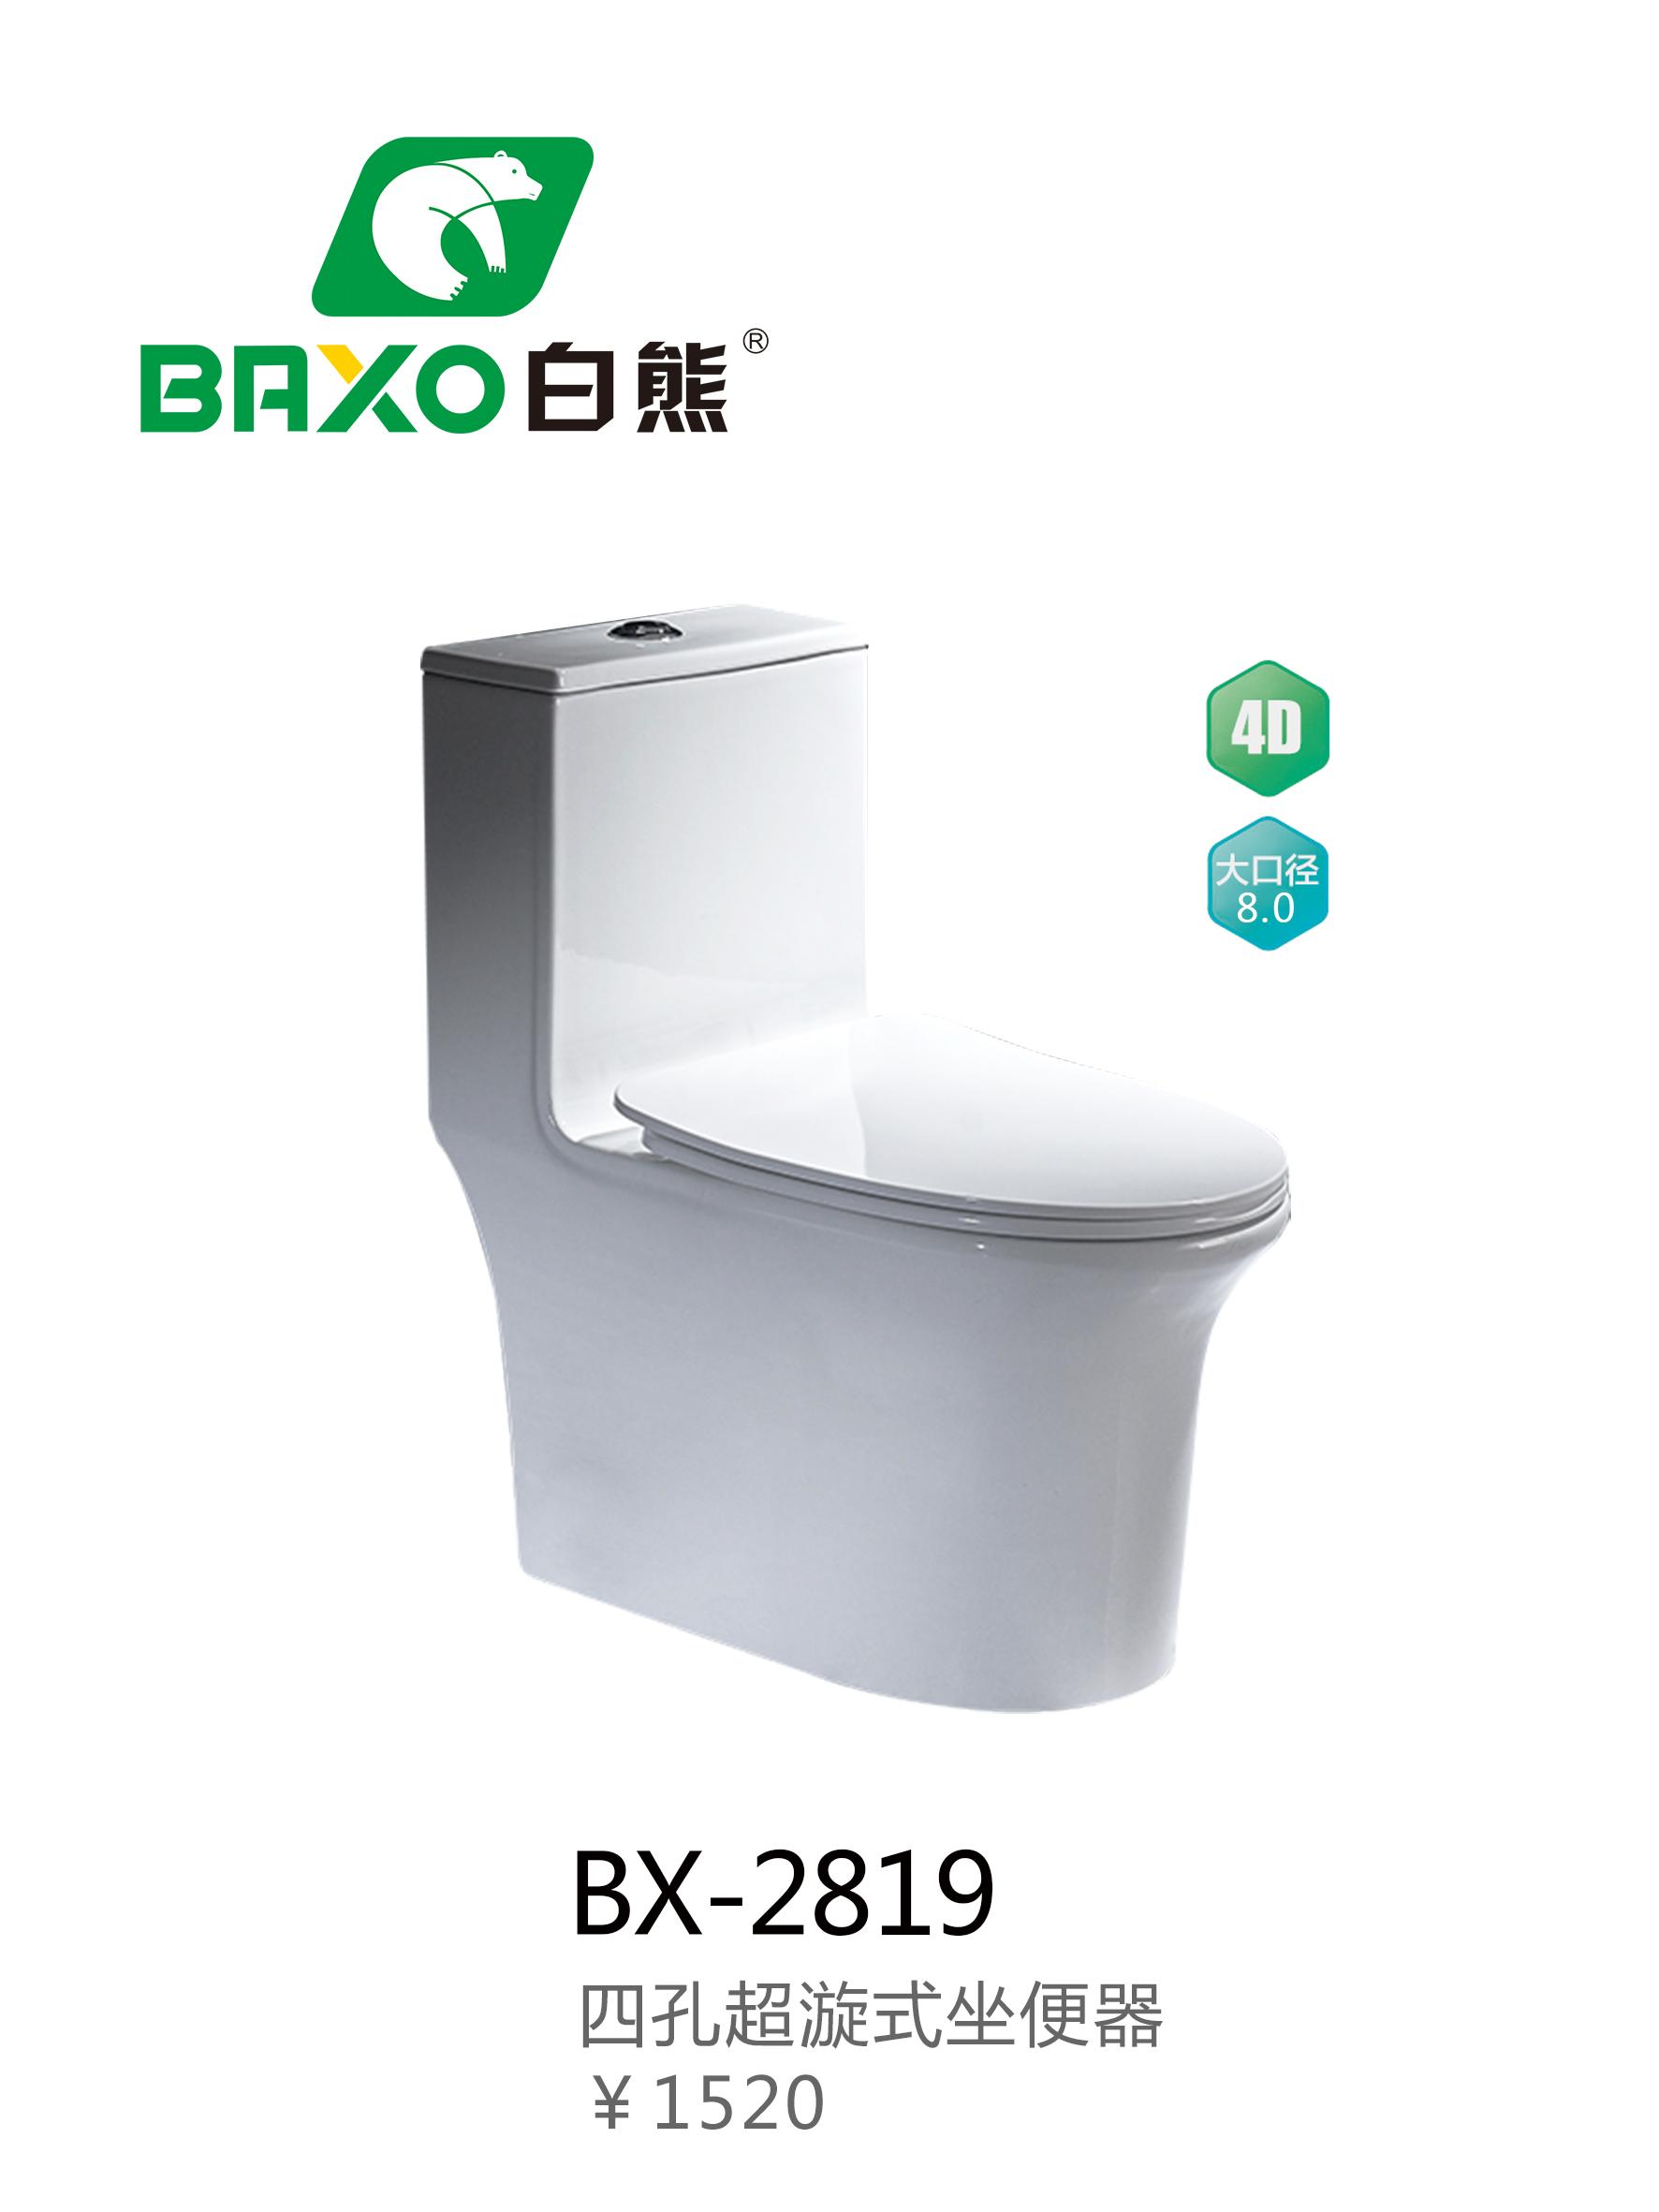 BX-2819大管道超漩坐便器